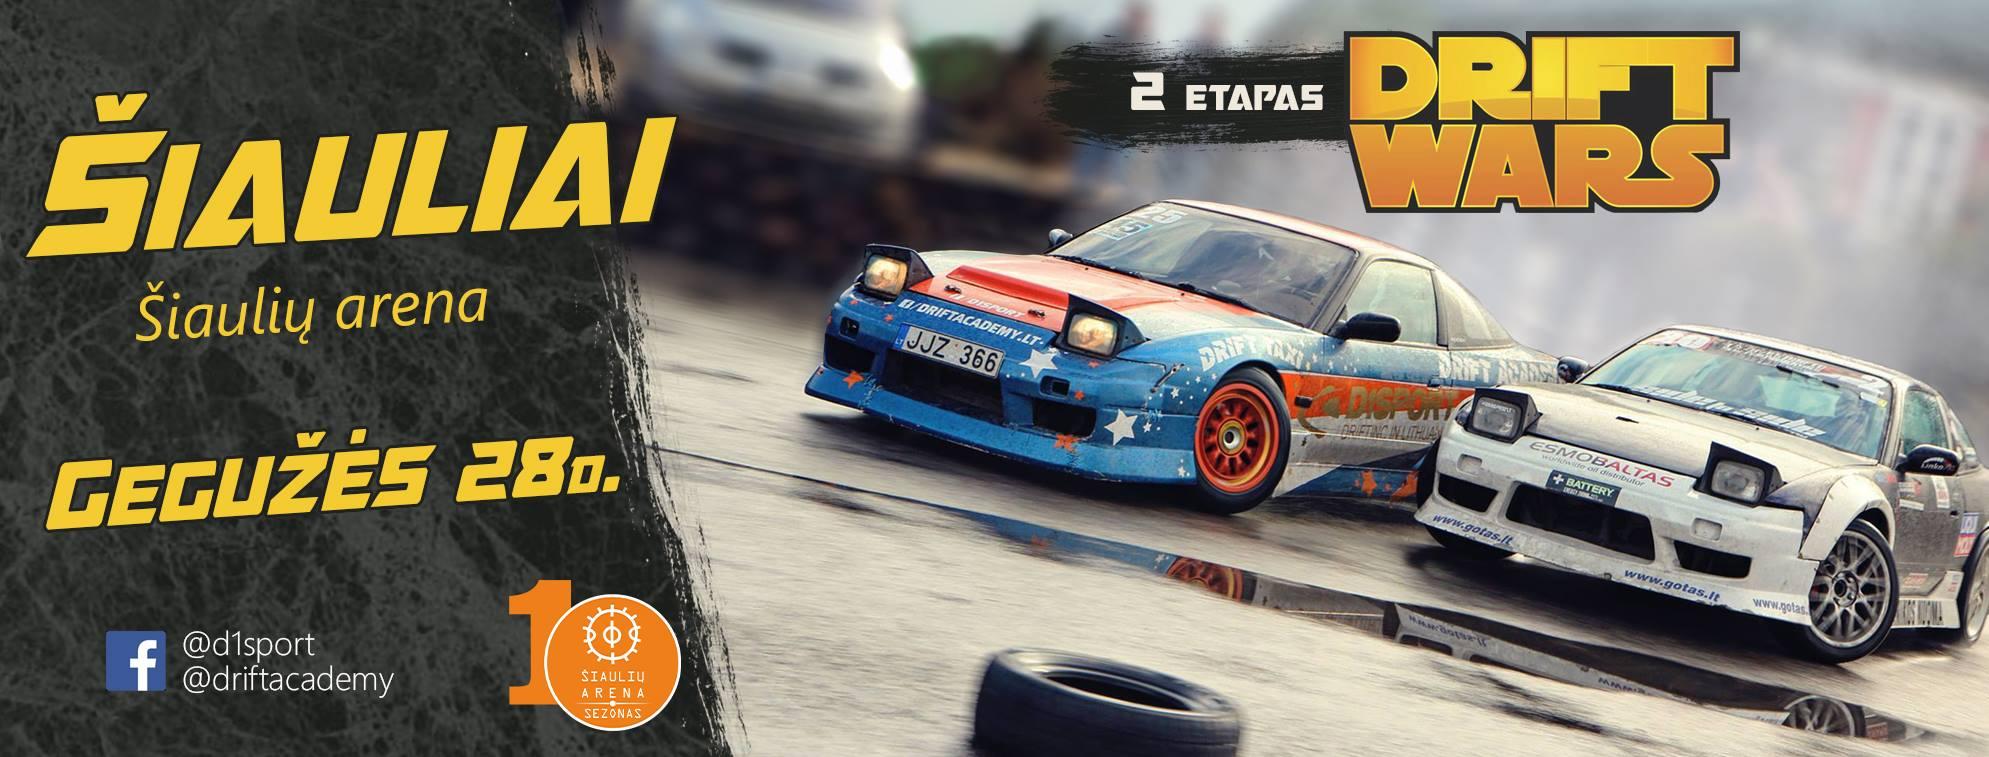 D1Sport Drift Wars 2e. / Šiauliai